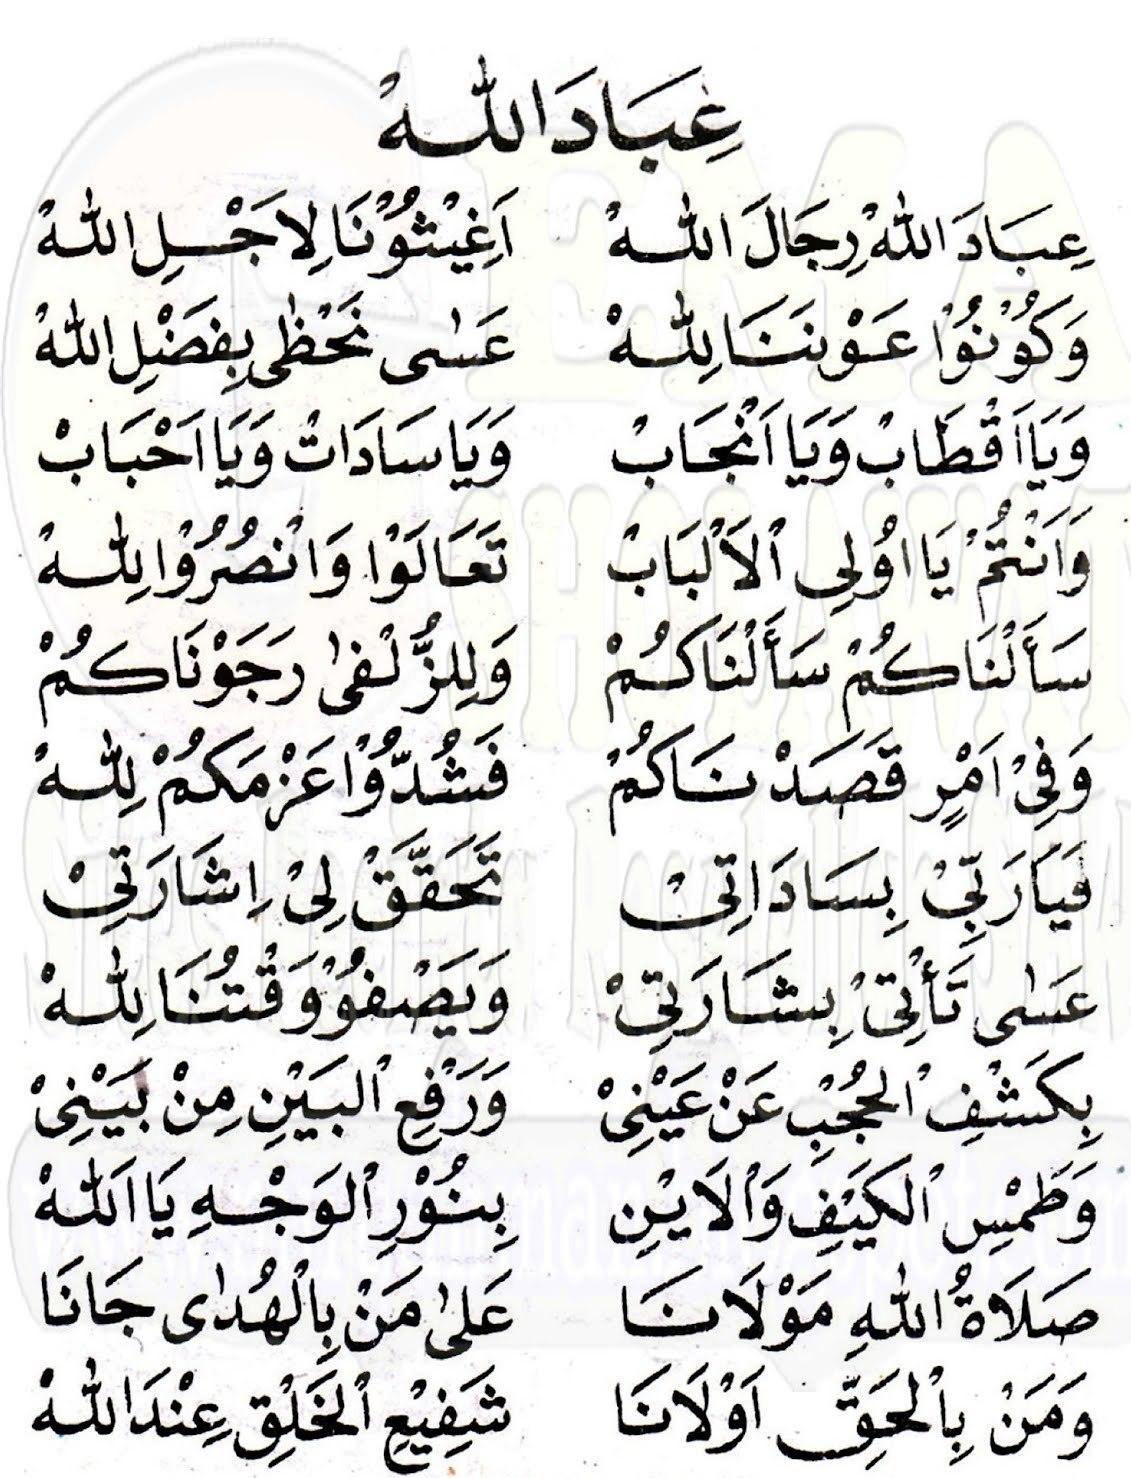 Teks Bacaan Ibadallah Rijalallah - Lirik dalam Manaqib Syaikh Abdul Qadir Jailani